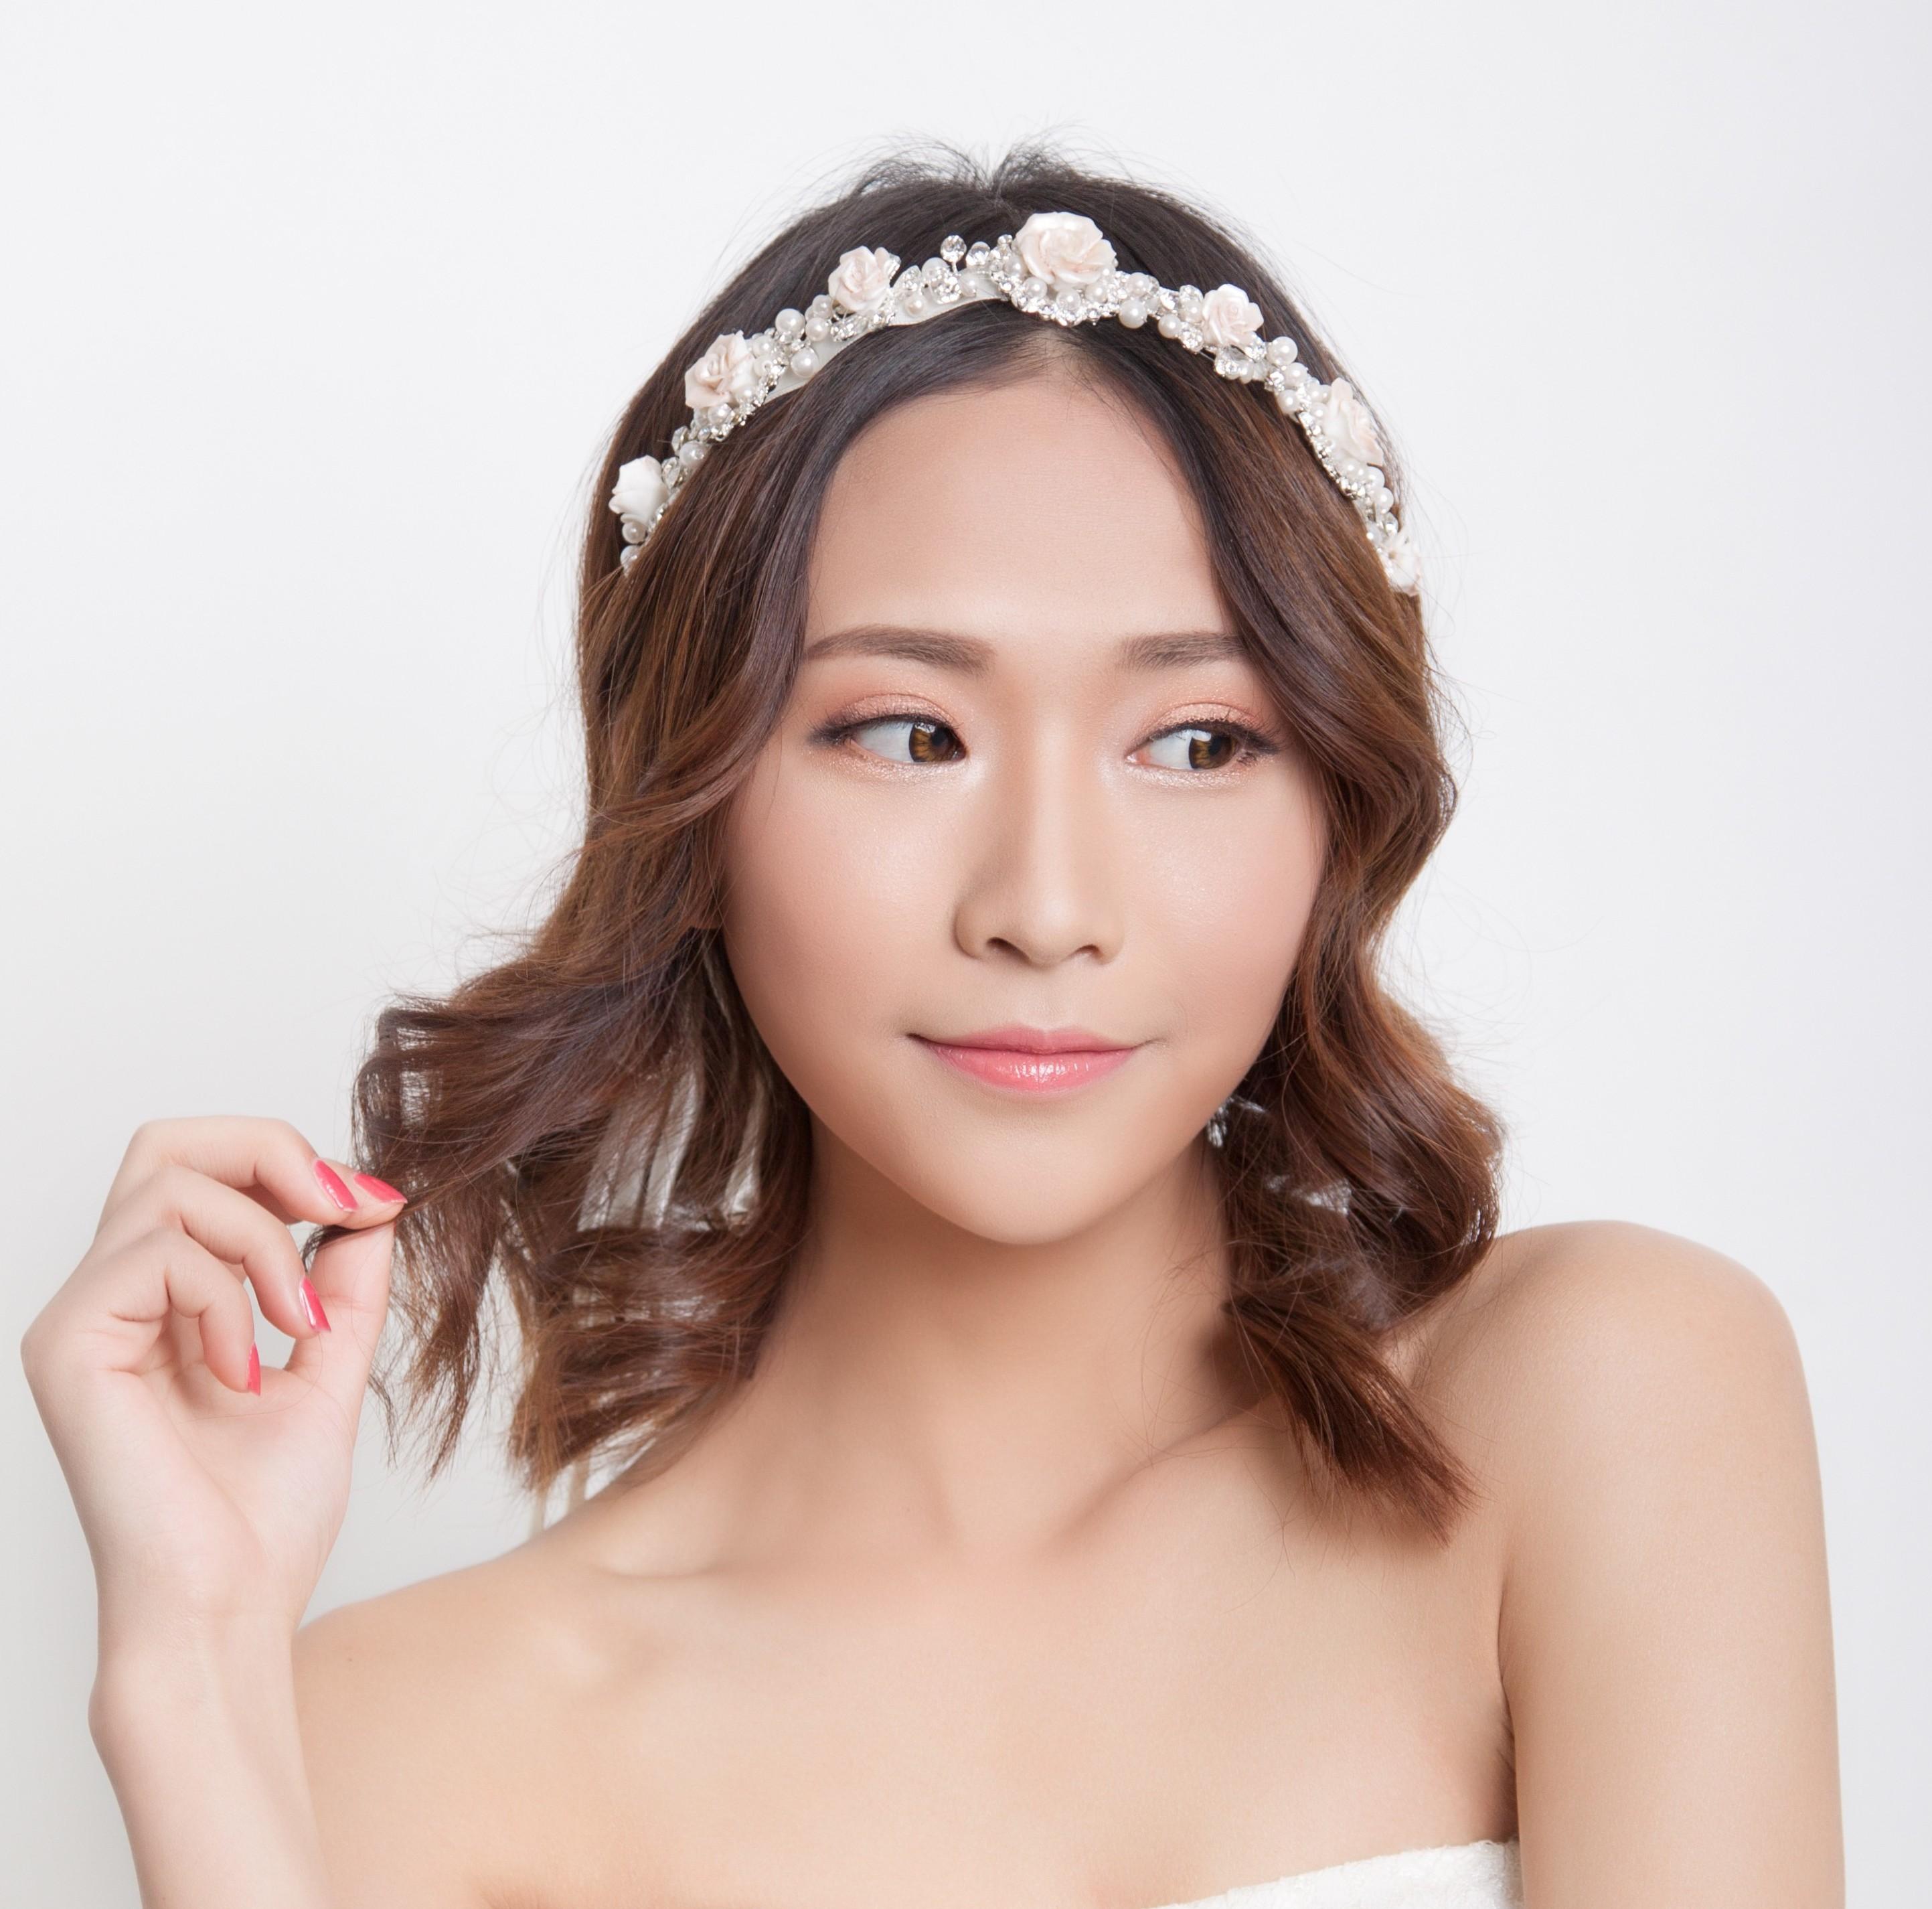 beautyprincess » beauty princess makeup studio